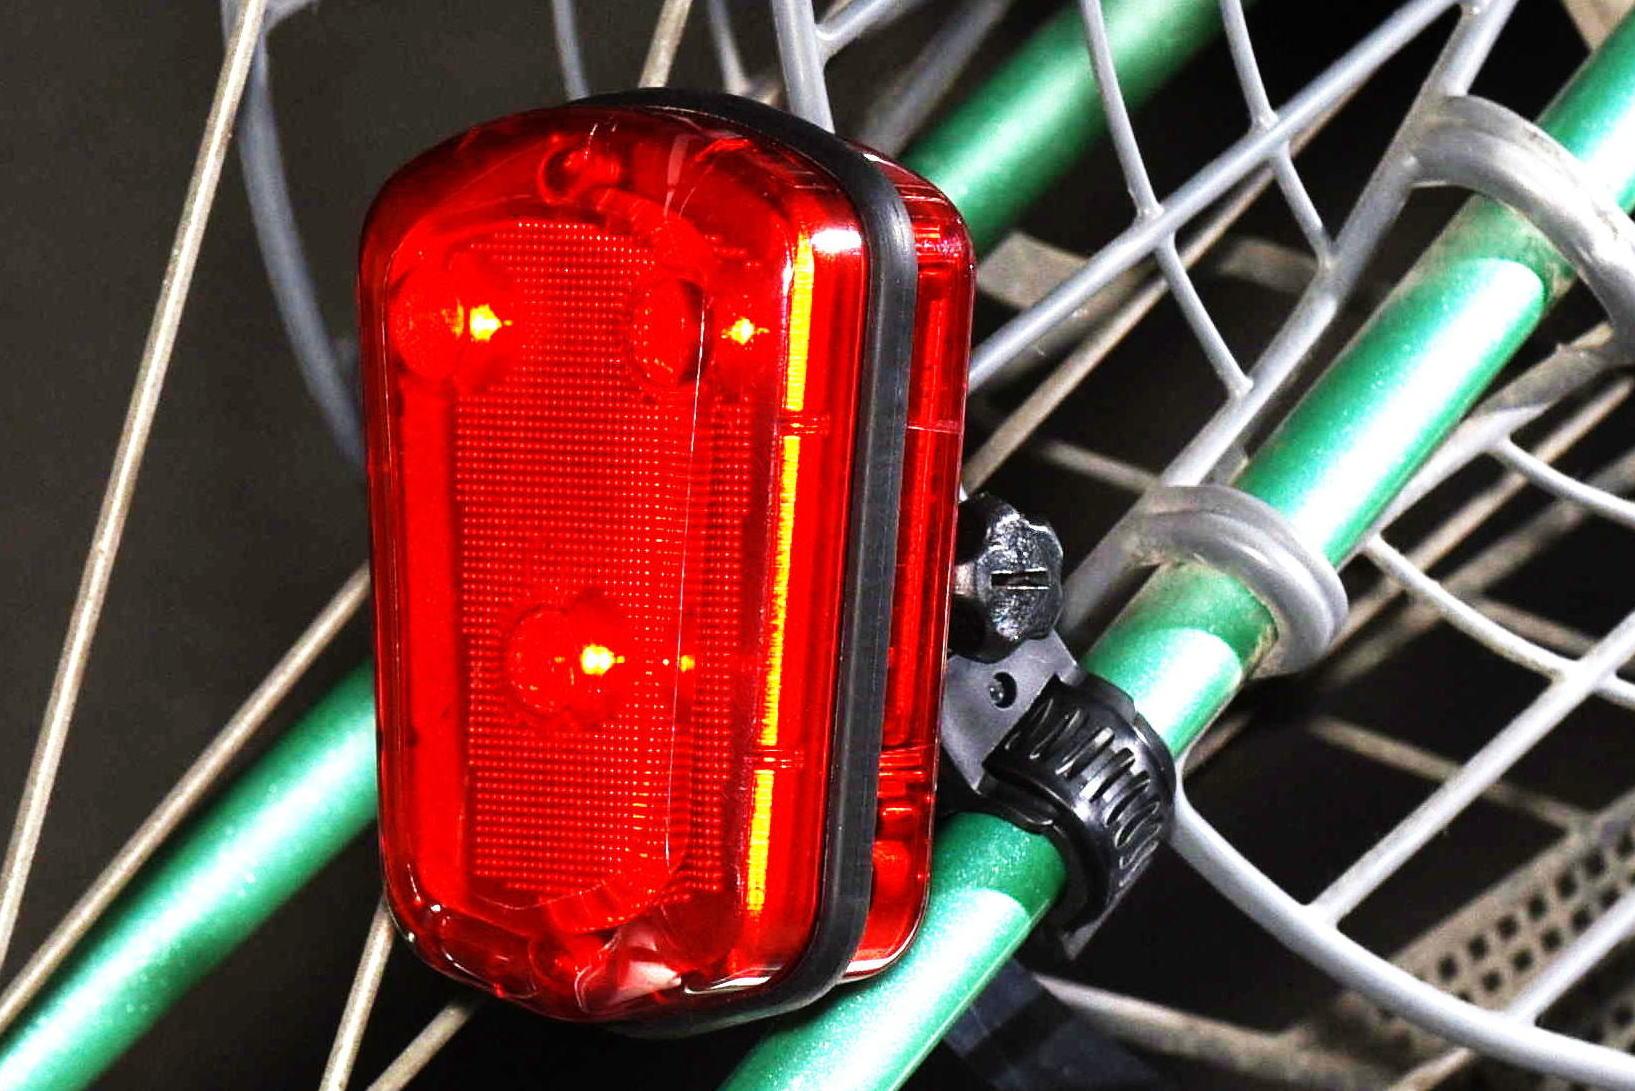 新製品 自転車用防犯ブザー付テールライト「お知らせテントウくん」